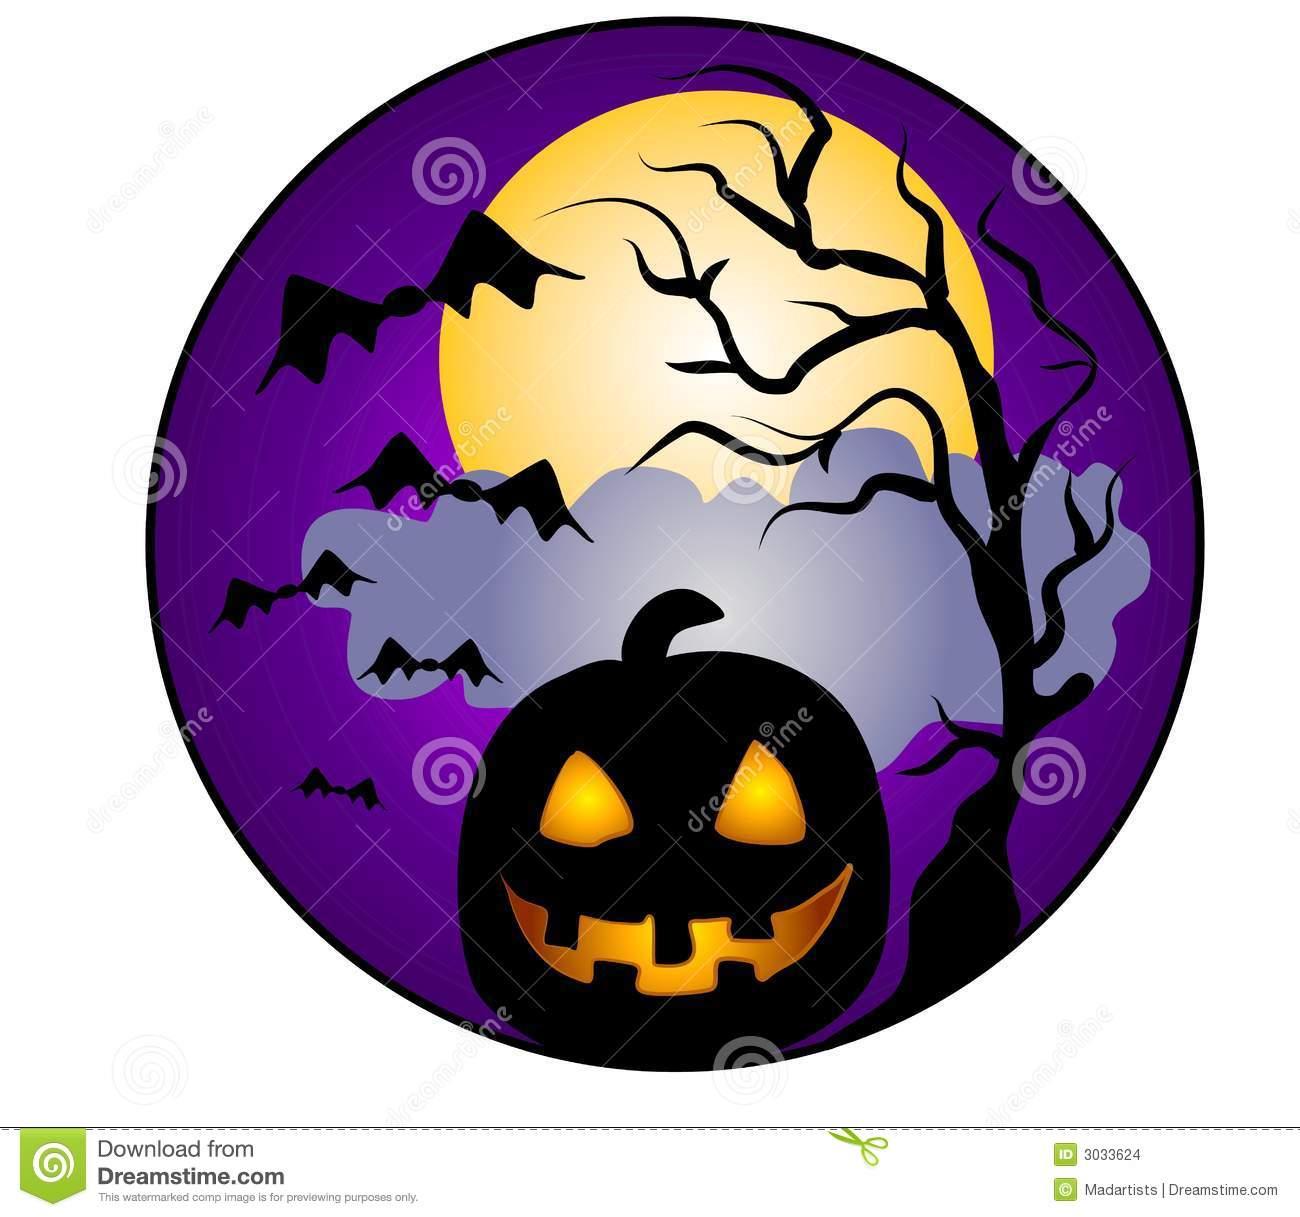 sleepover-clipart-pumpkins-clip-art-halloween-pumpkin-clip-art-stock ...